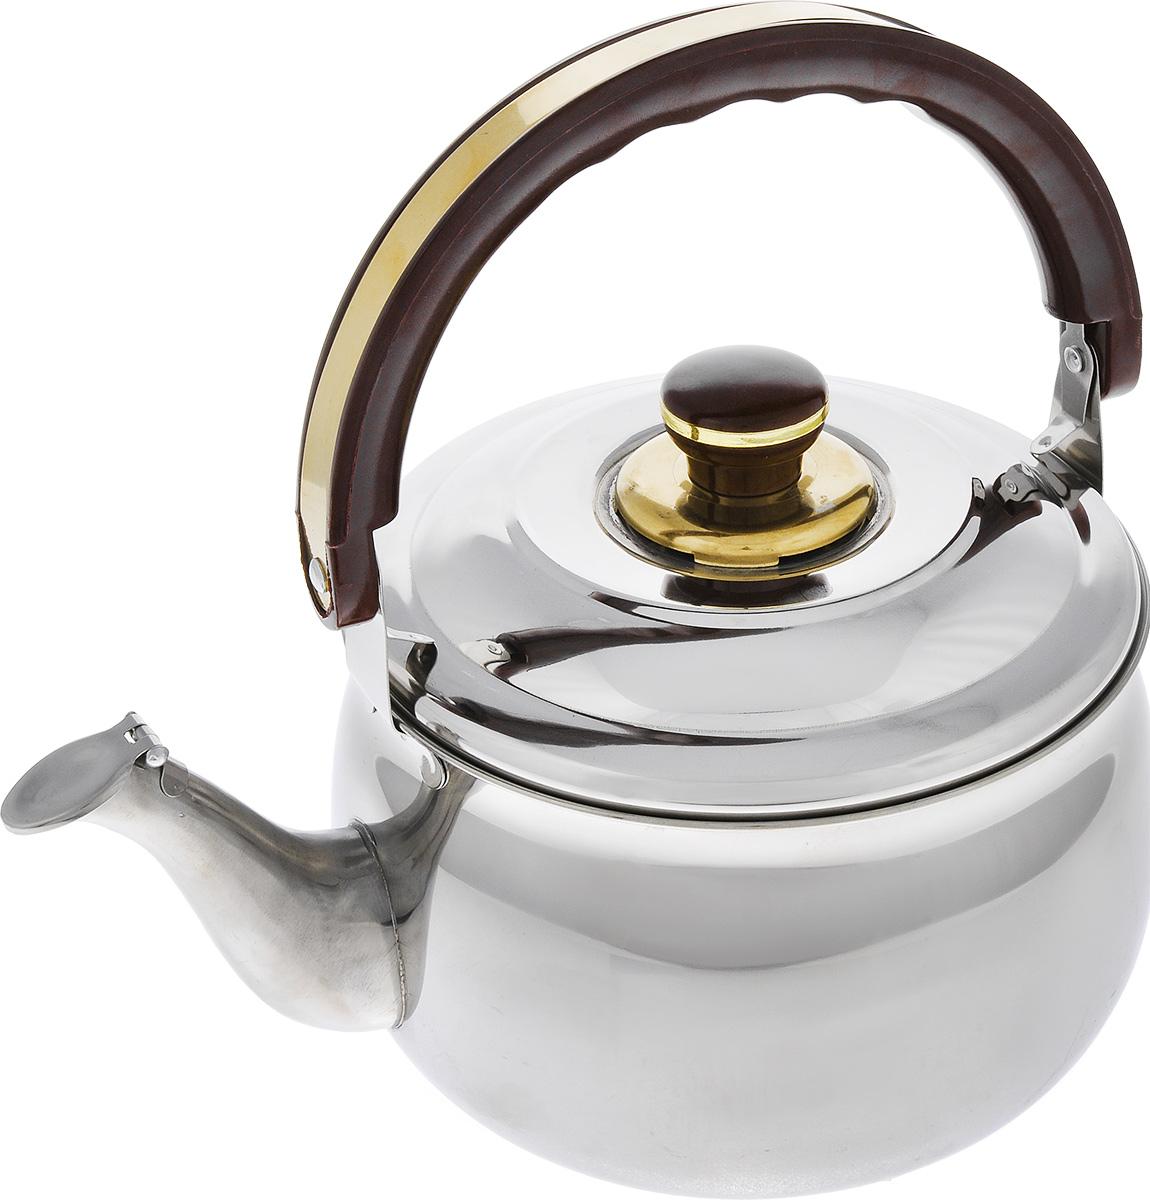 Чайник Mayer & Boch, со свистком, 4 л. 10371037Чайник Mayer & Boch выполнен из высококачественной нержавеющей стали 18/10, что делает его весьма гигиеничным и устойчивым к износу при длительном использовании. Капсулированное дно с прослойкой из алюминия обеспечивает наилучшее распределение тепла. Крышка чайника оснащена свистком, что позволит вам контролировать процесс подогрева или кипячения воды. Подвижная ручка чайника изготовлена из бакелита. Подходит для газовых, электрических и стеклокерамических плит. Не подходит для индукционных плит. Высота чайника (без учета ручки и крышки): 12,5 см. Высота чайника (с учетом ручки и крышки): 26,5 см. Диаметр чайника (по верхнему краю): 19 см.